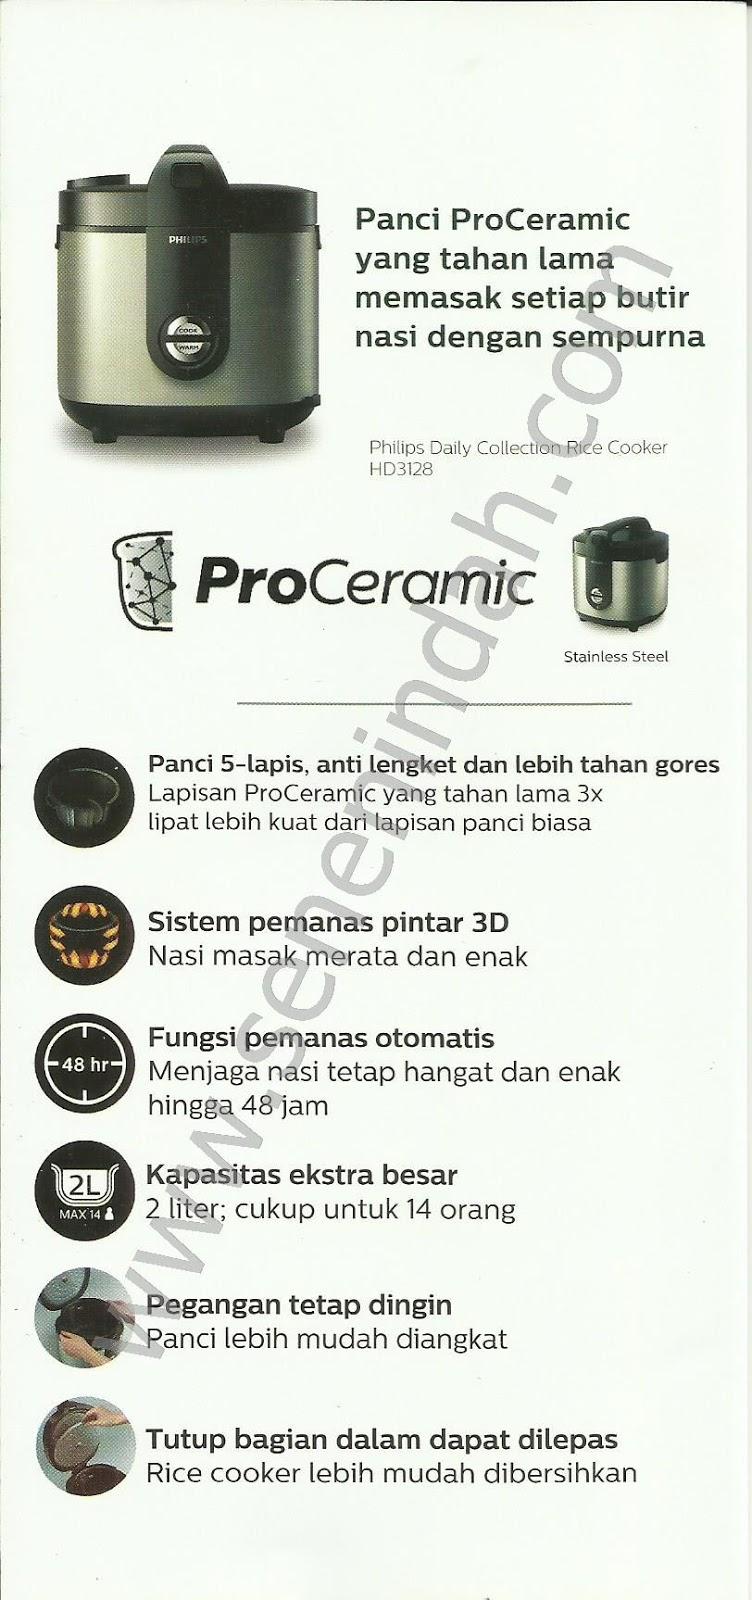 Philips Magic Com 2015 Senen Indah Pusat Peralatan Rumah Tangga Juicer 2 Lt Hr 1855 Hitam Tekan Ctrl F Lalu Ketik Kode Nama Produk